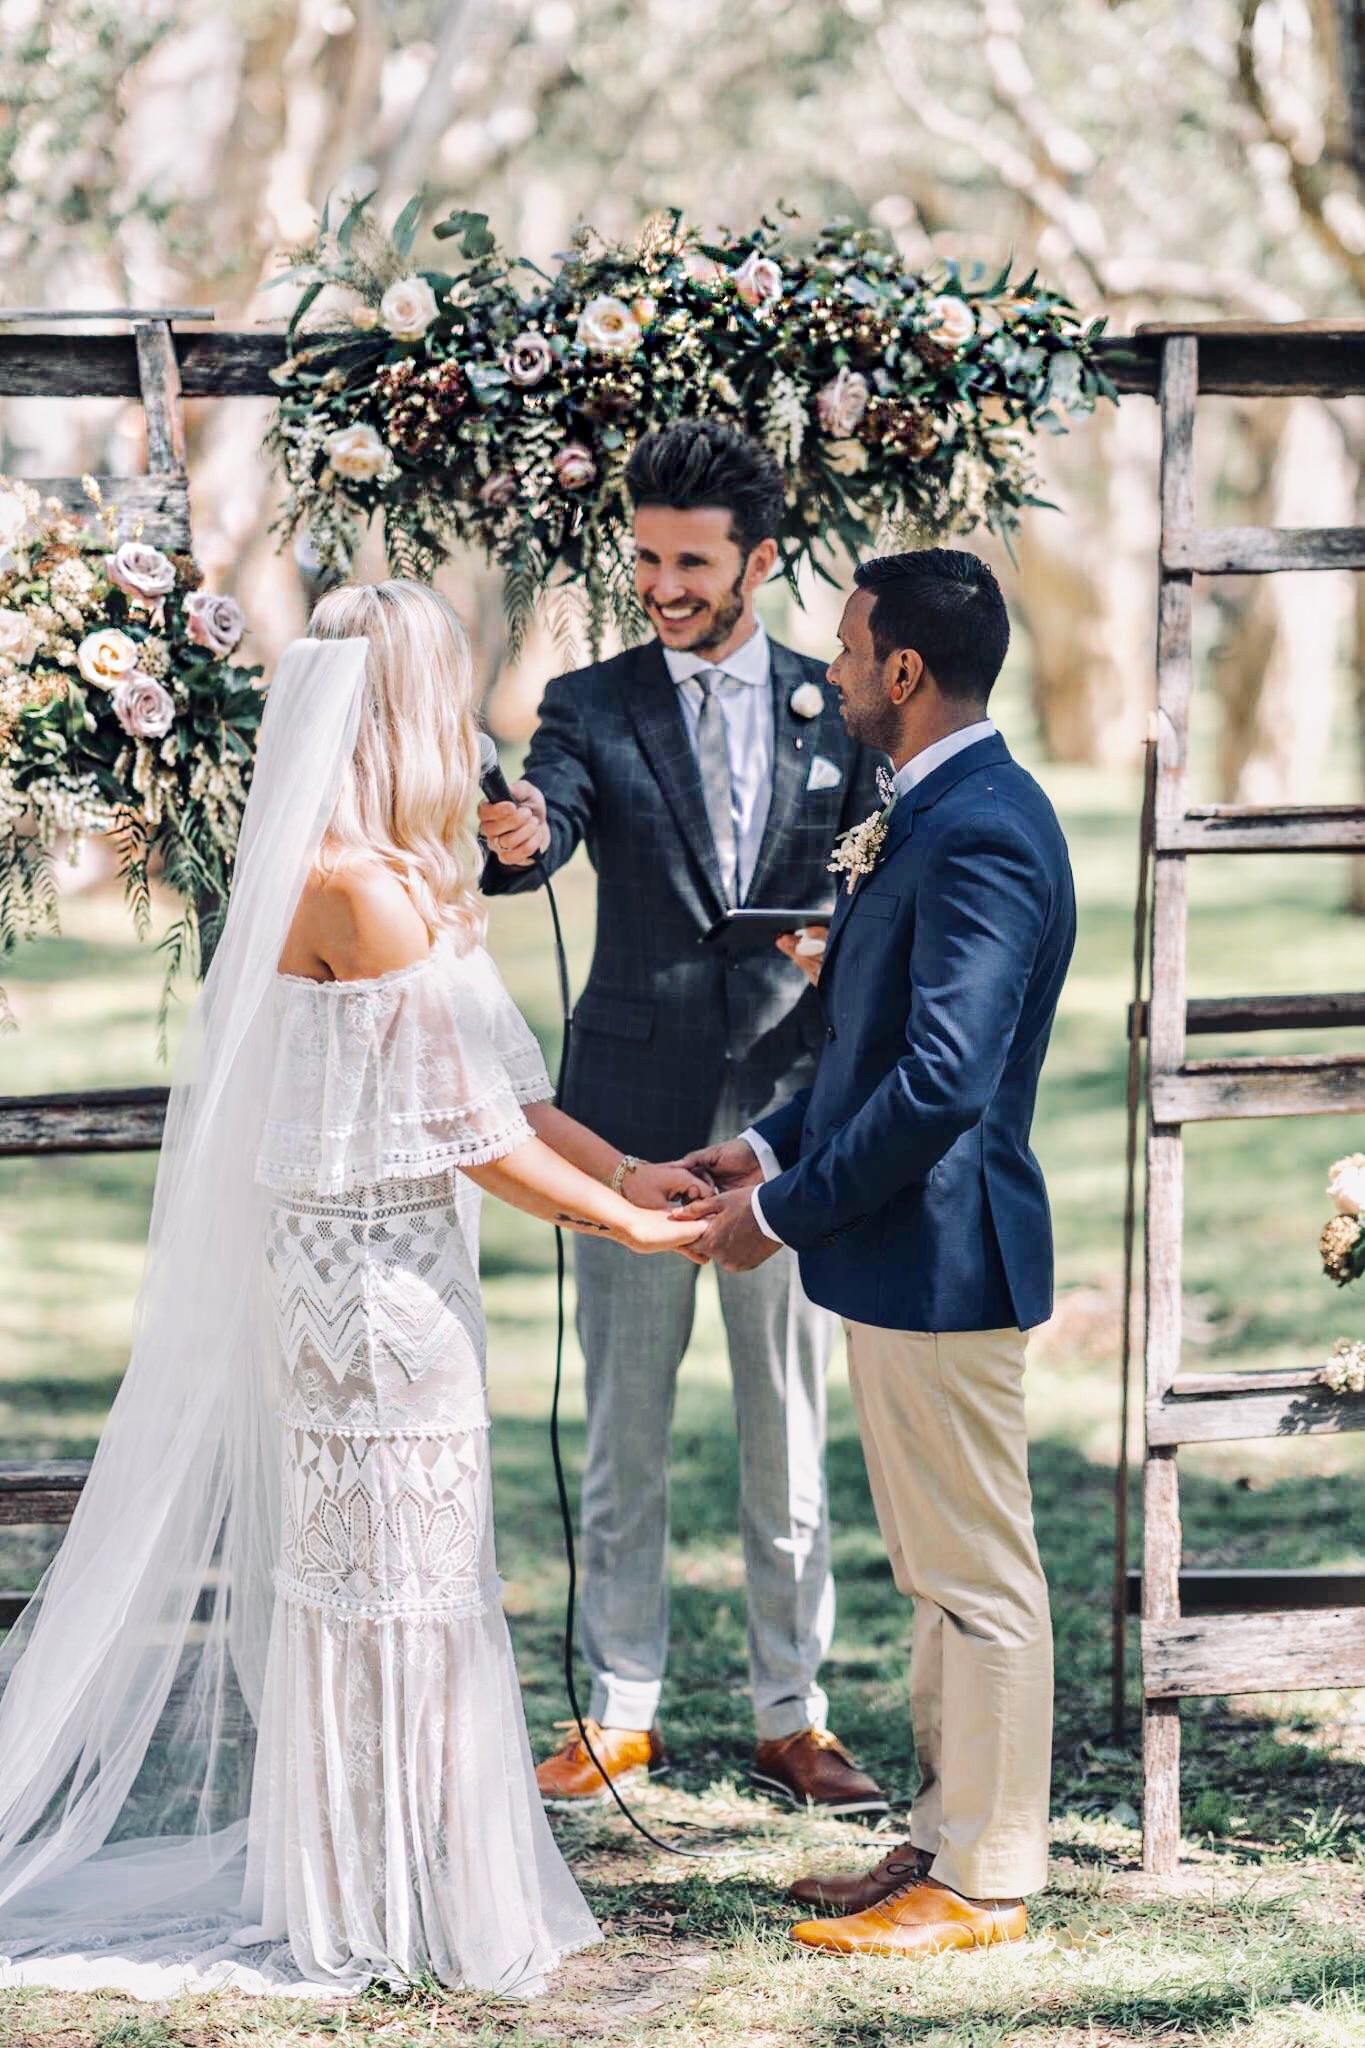 Married by Andy ist dein 'Go-to' in Sydney oder auch überall in Australien für stilvolle, professionelle Hochzeiten die eure Liebe feiern.